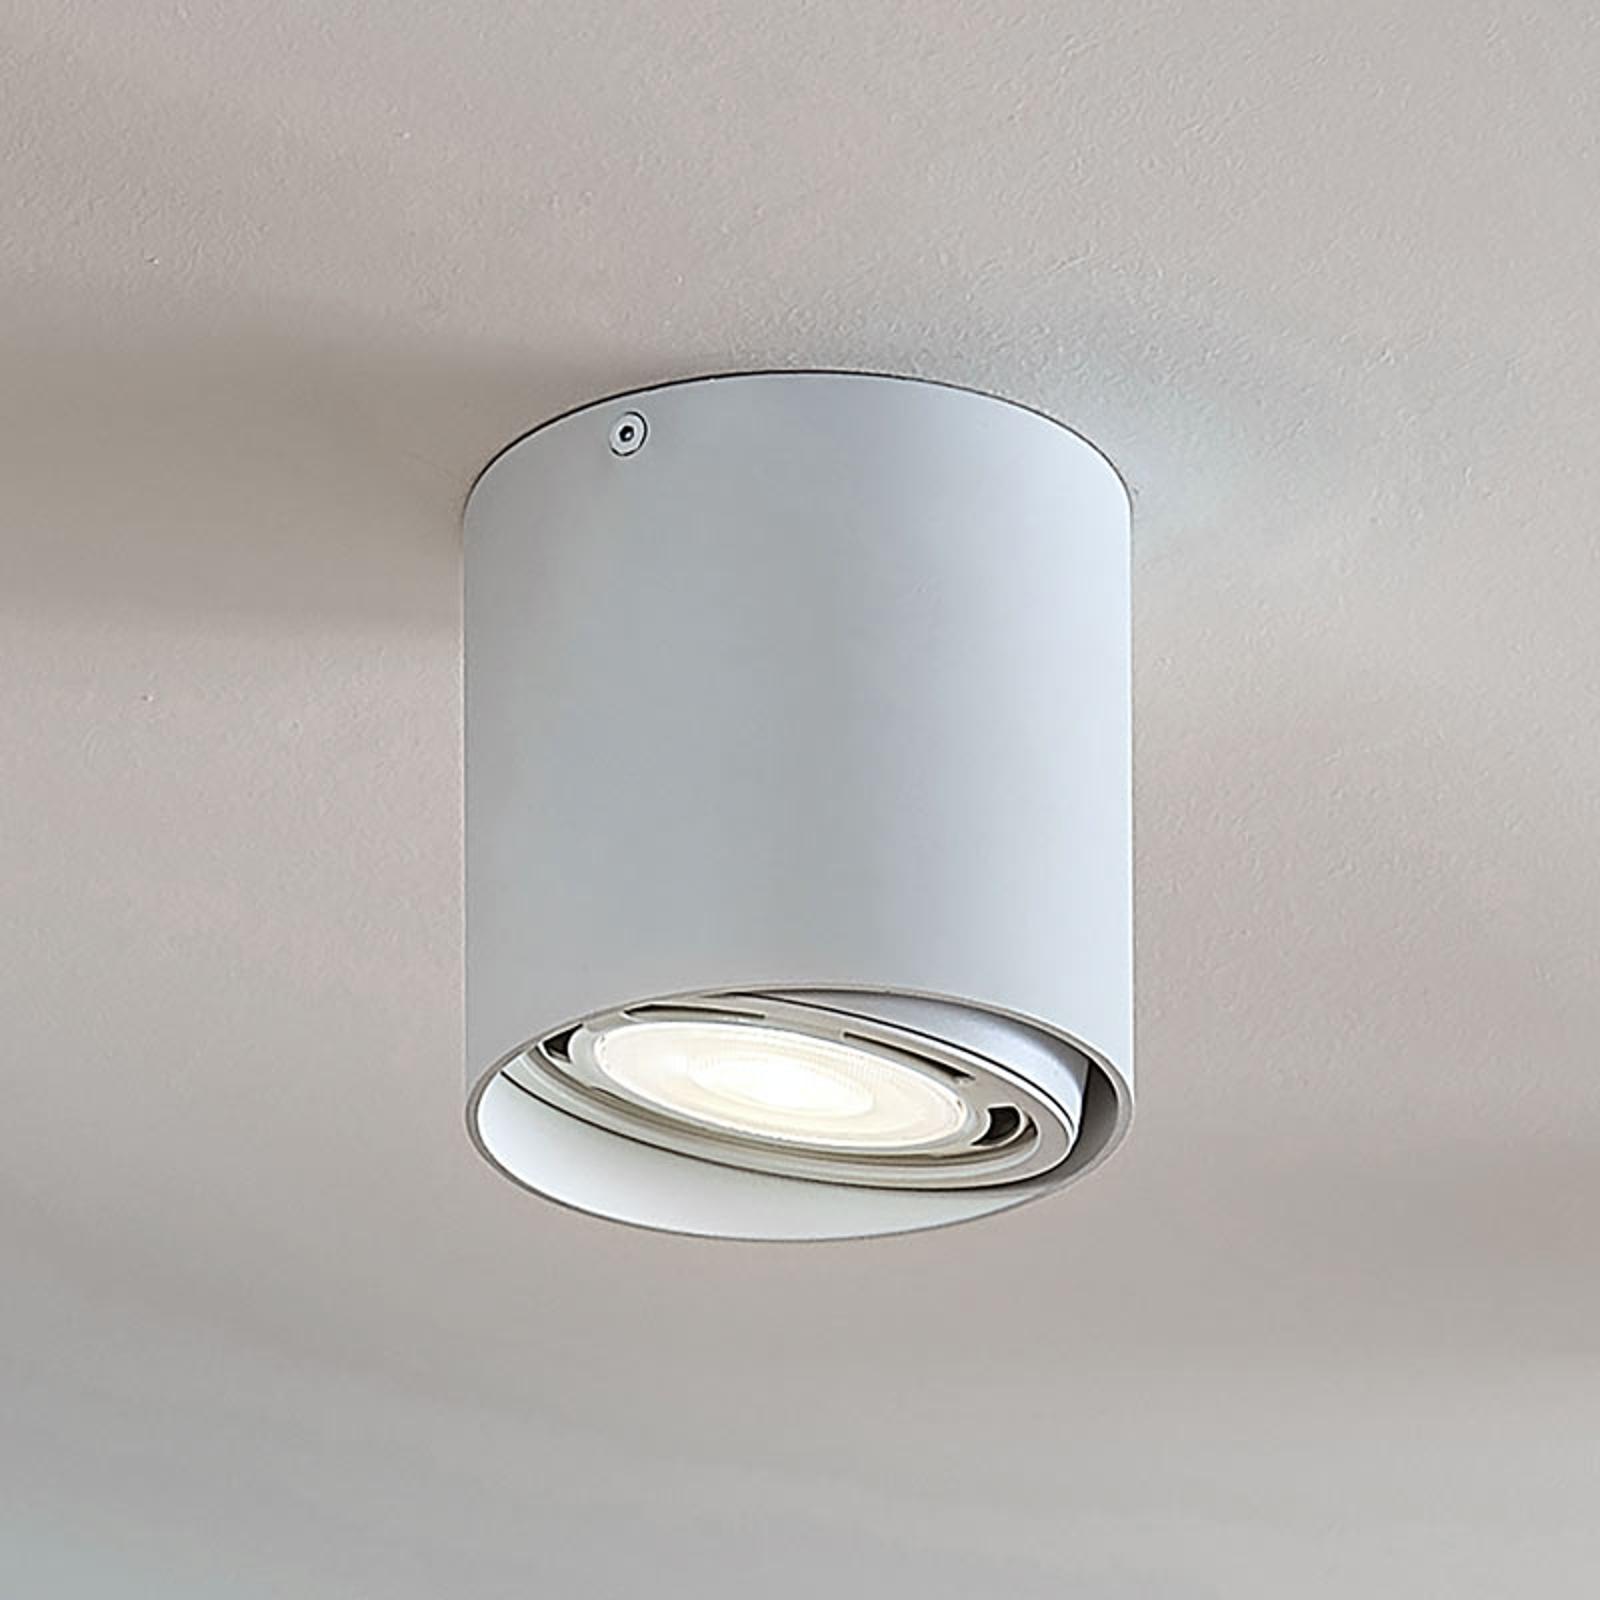 Downlight LED Rosalie, 1-pkt. ściemniany, biały